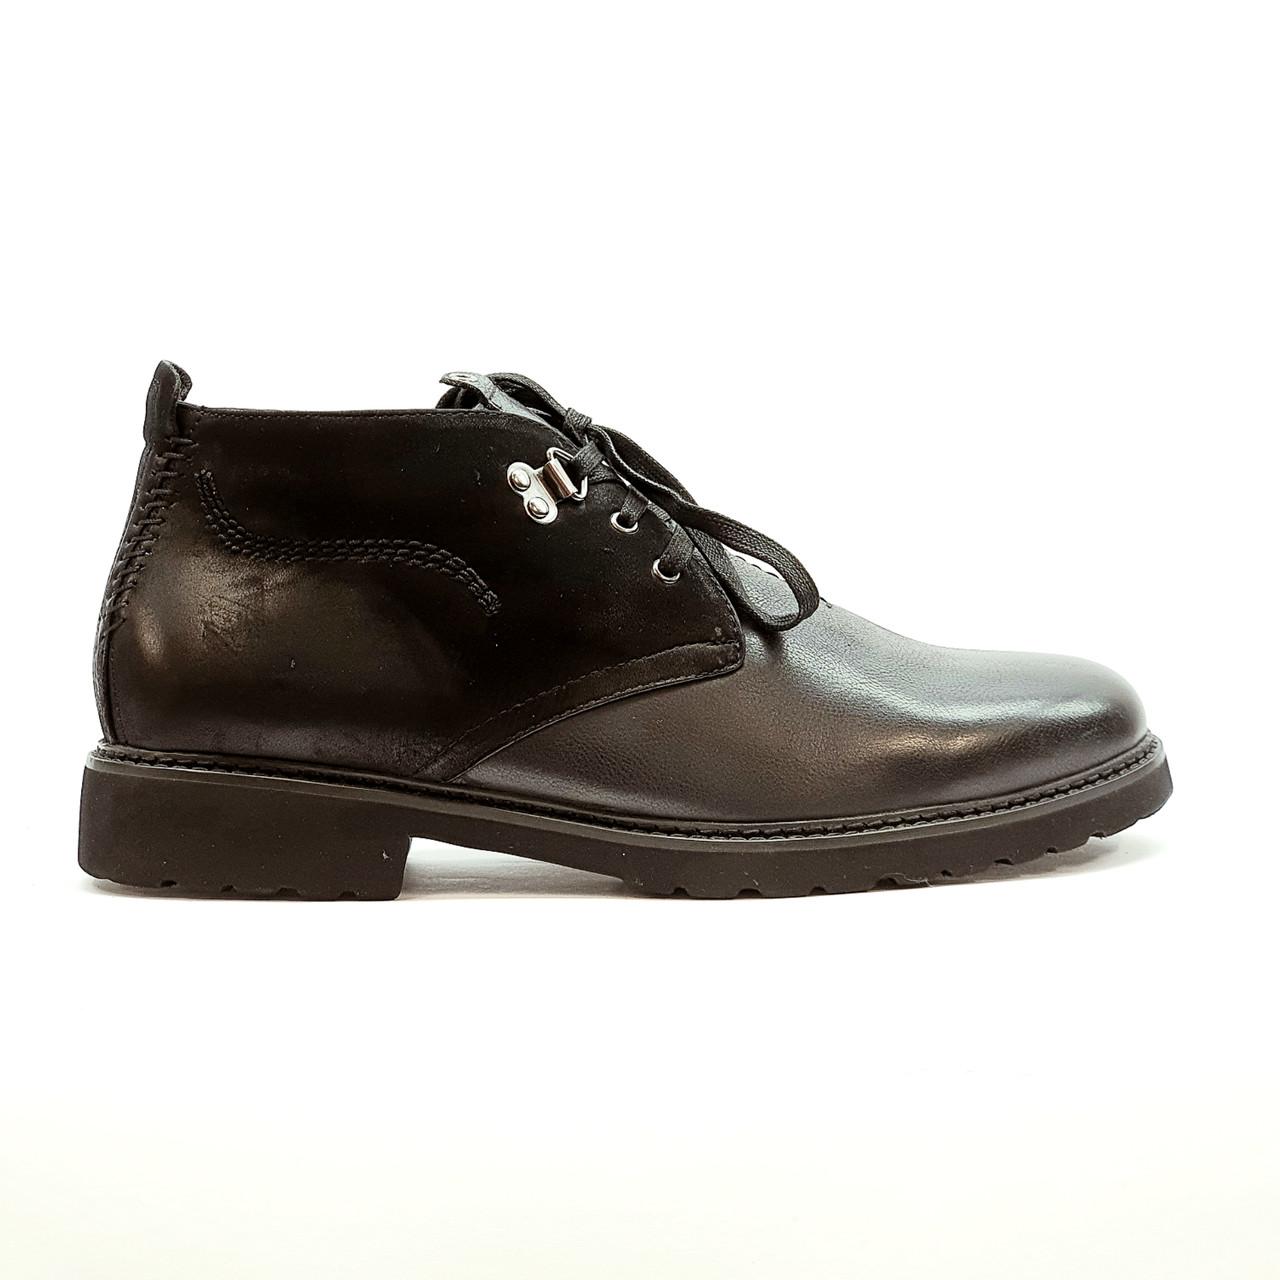 Ботинки зимние мужские классические из натуральной кожи с натуральным мехом черные